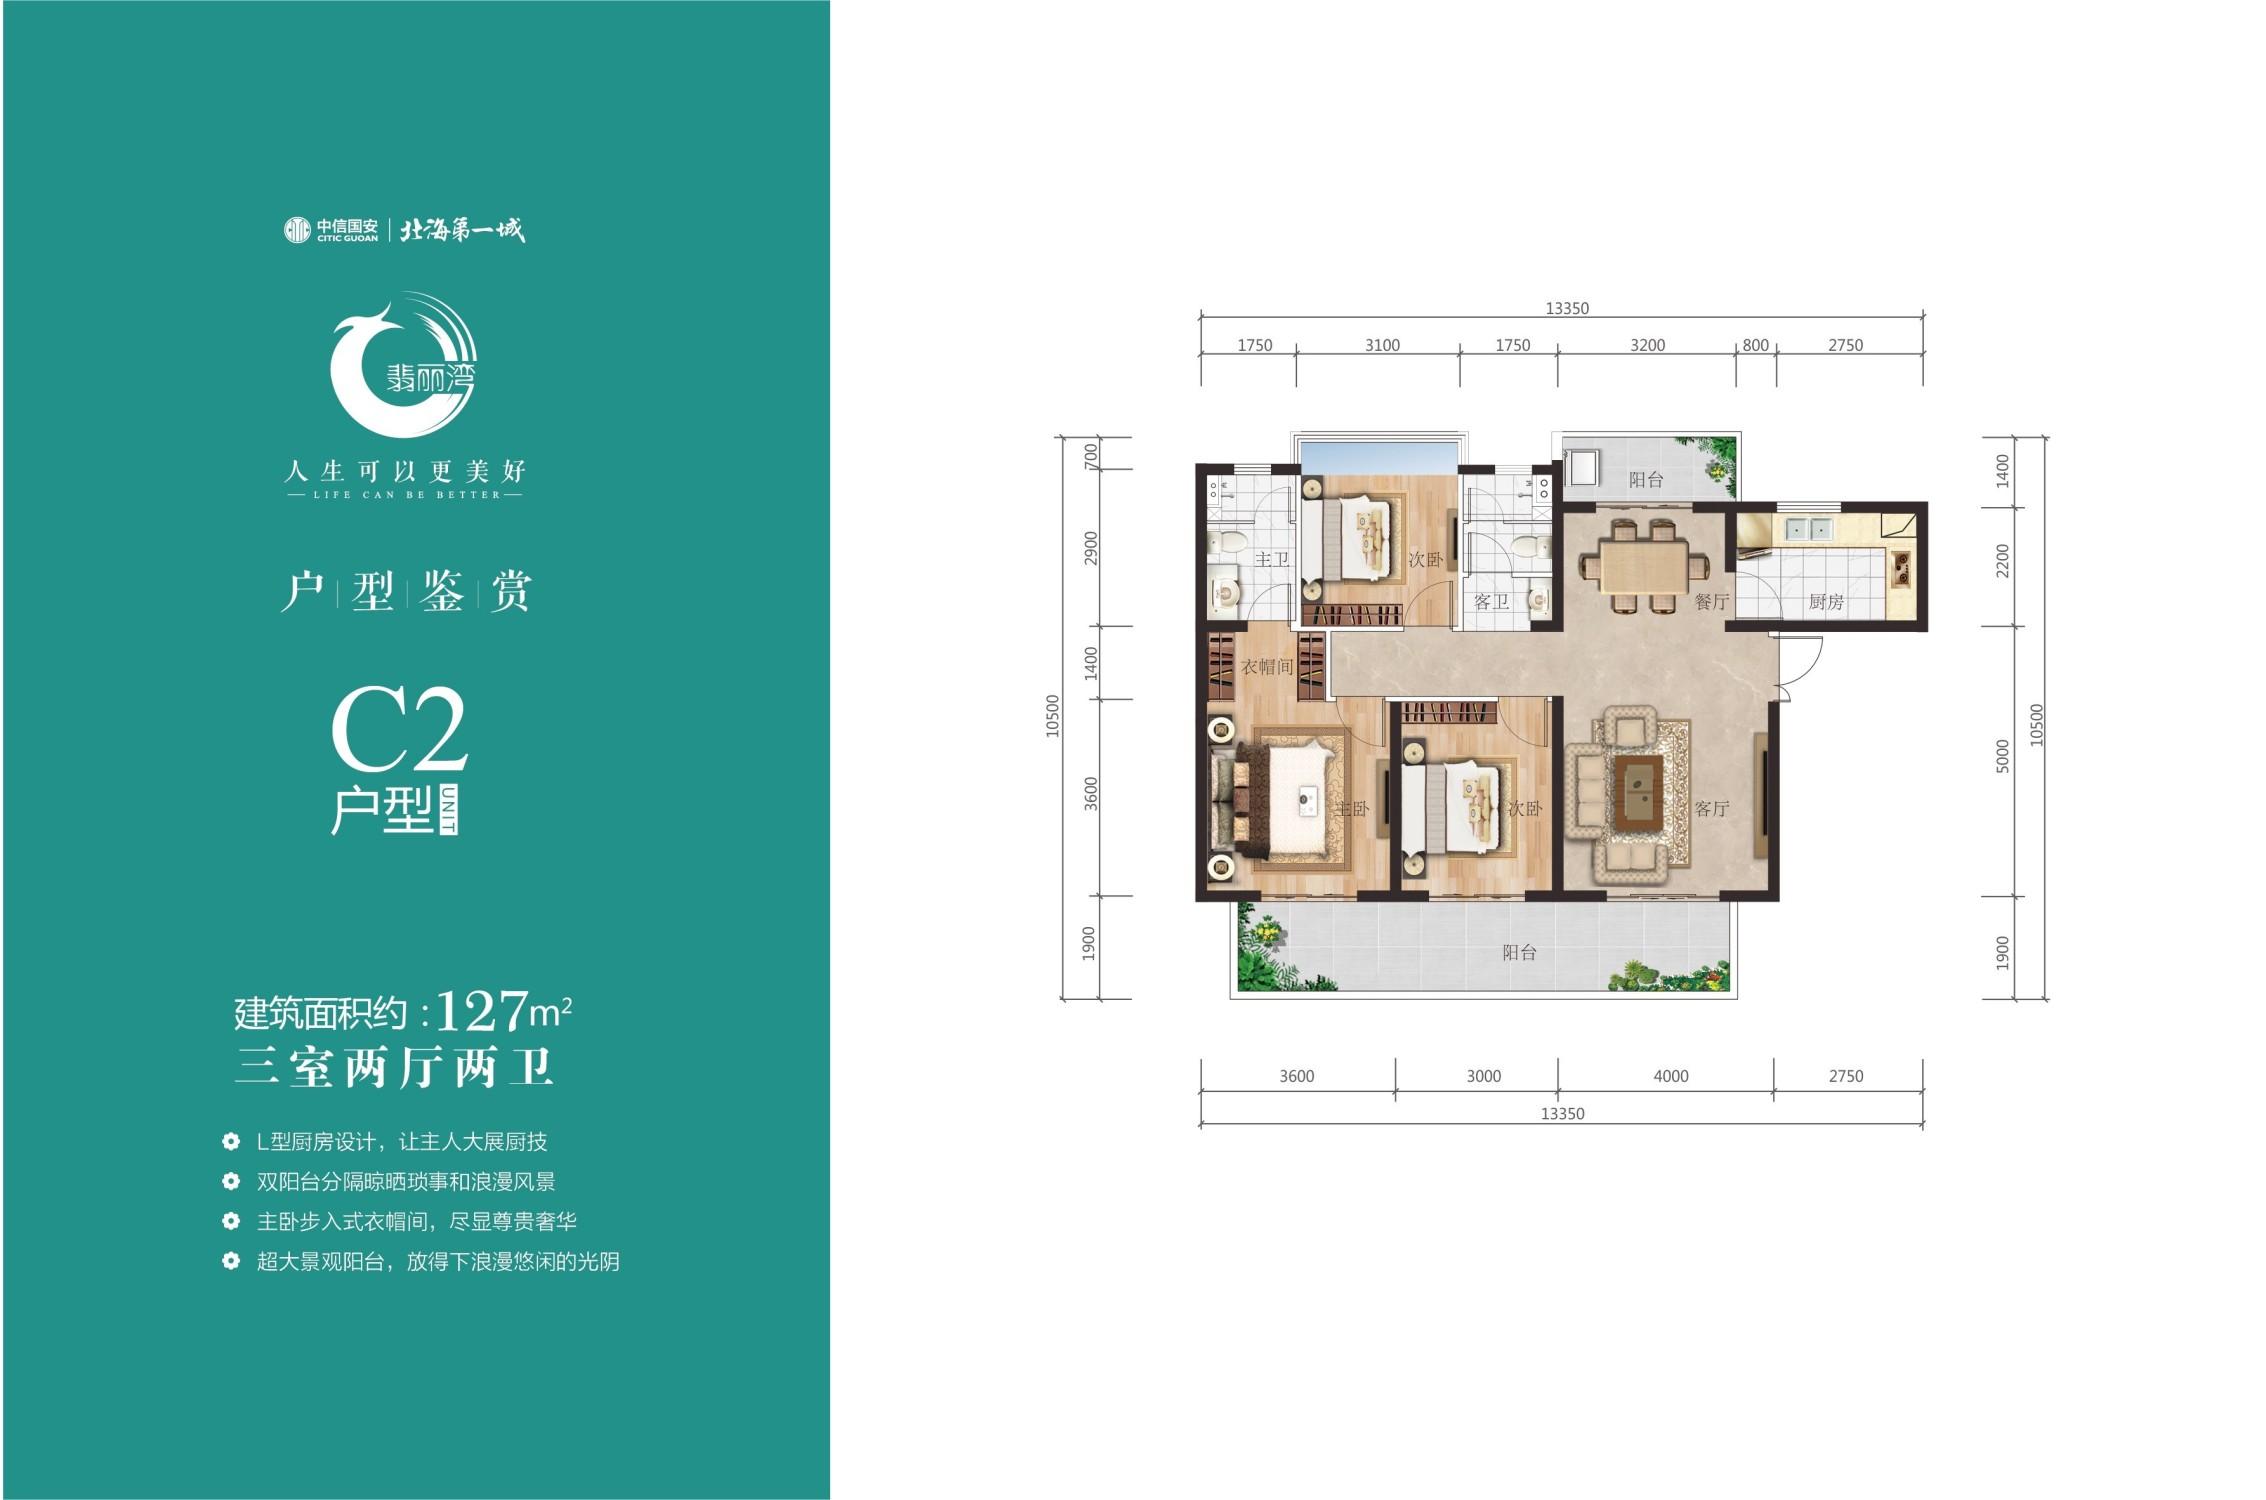 翡丽湾C2户型建面约127㎡三室两厅